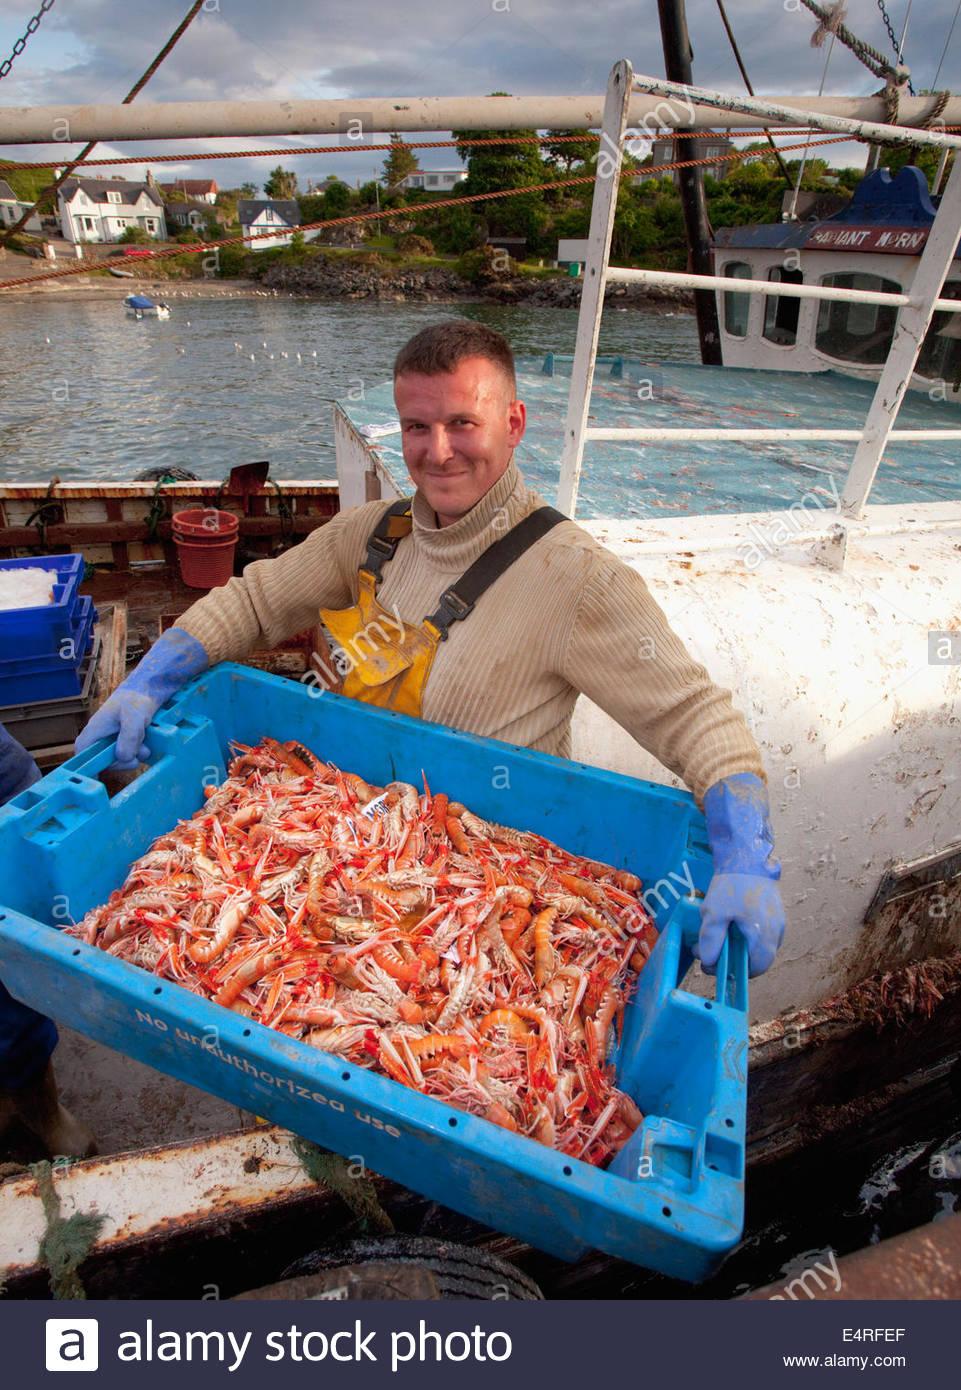 Un pescatore di sbarco la sua cattura di langoustine presso il porto di Carradale, Kintyre, Argyll, Scozia. Immagini Stock